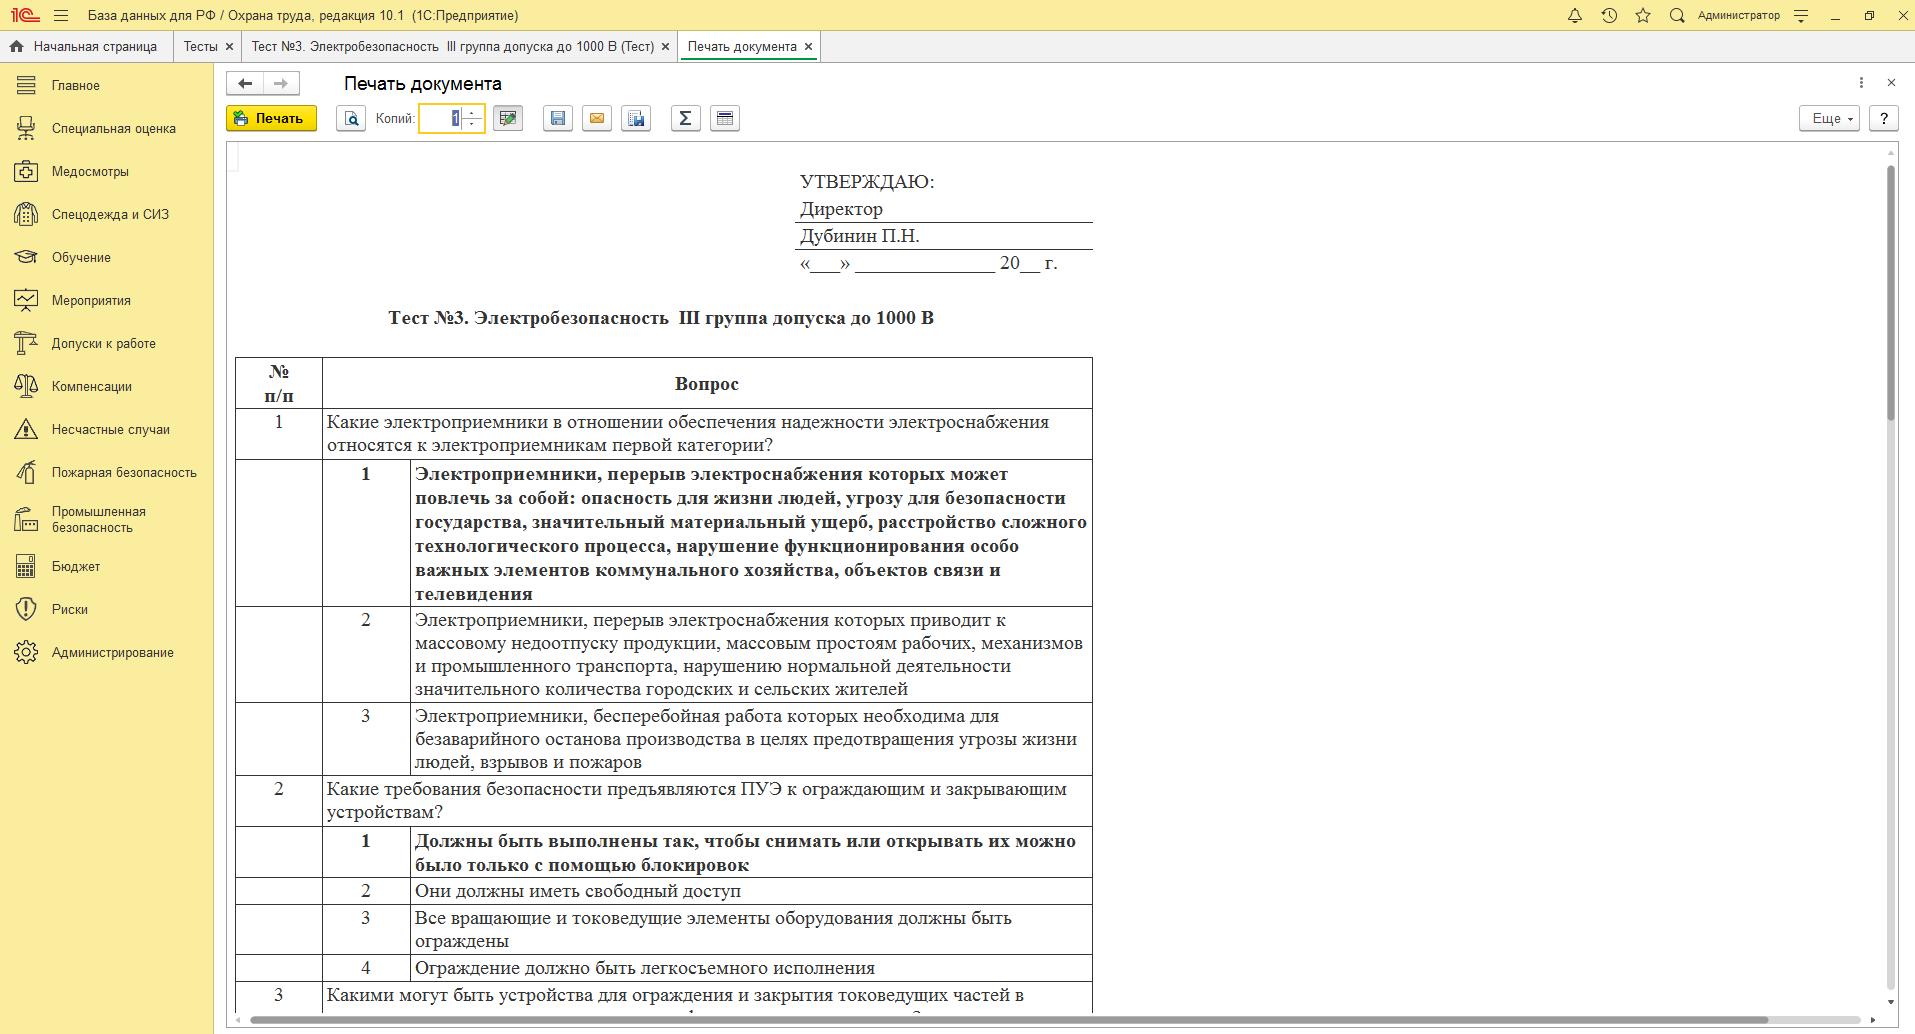 Печатная форма теста подсистема Обучение в программе Охрана труда для 1С